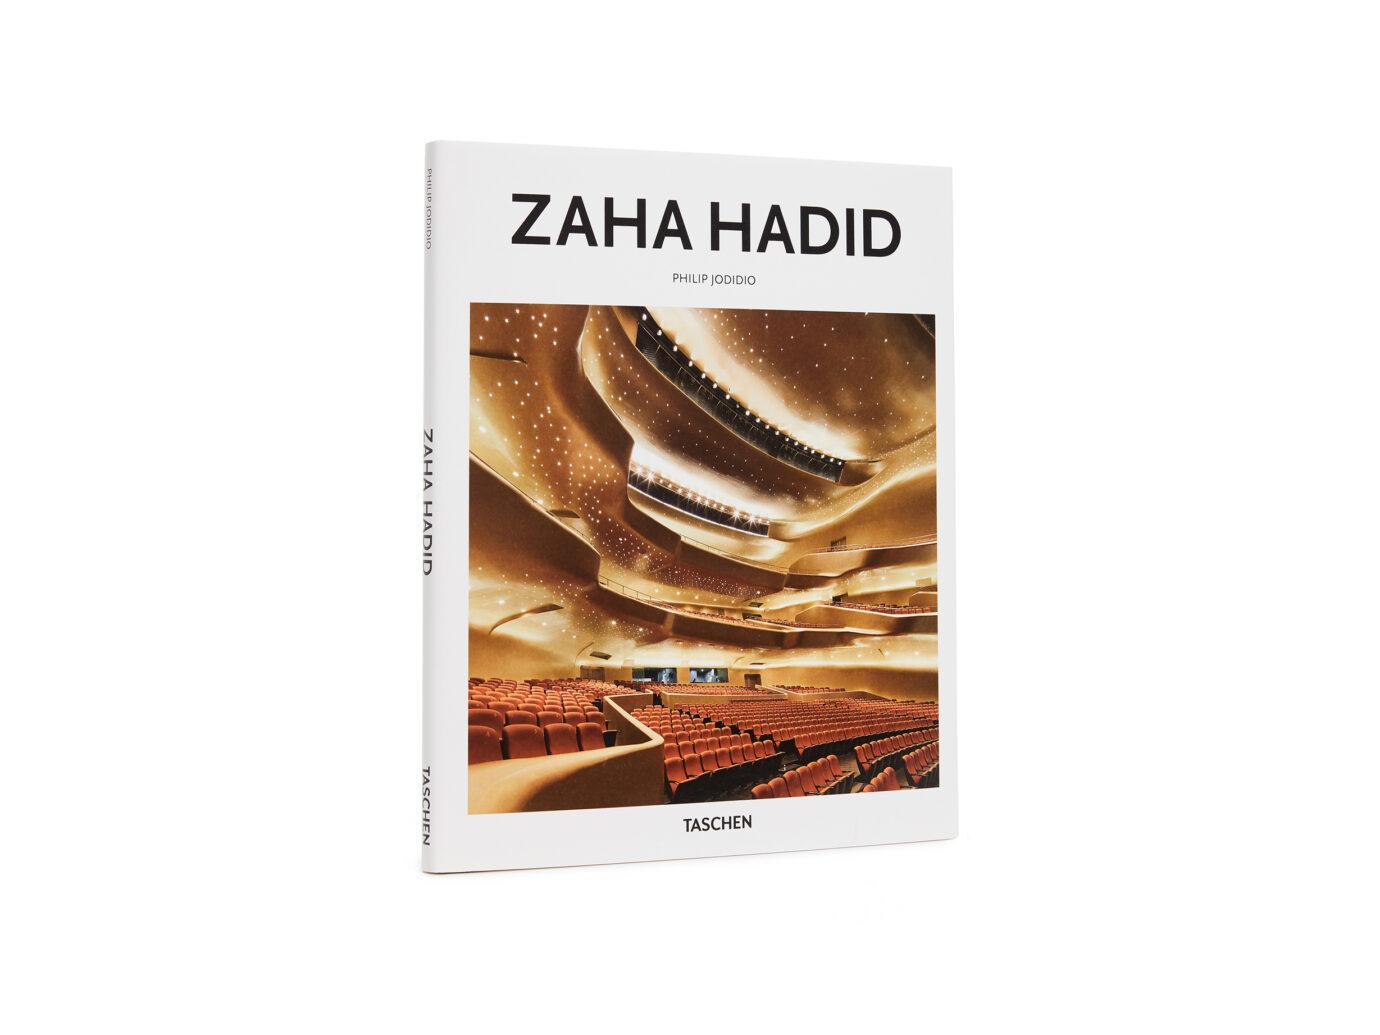 Taschen Basic Art Series: Zaha Hadid